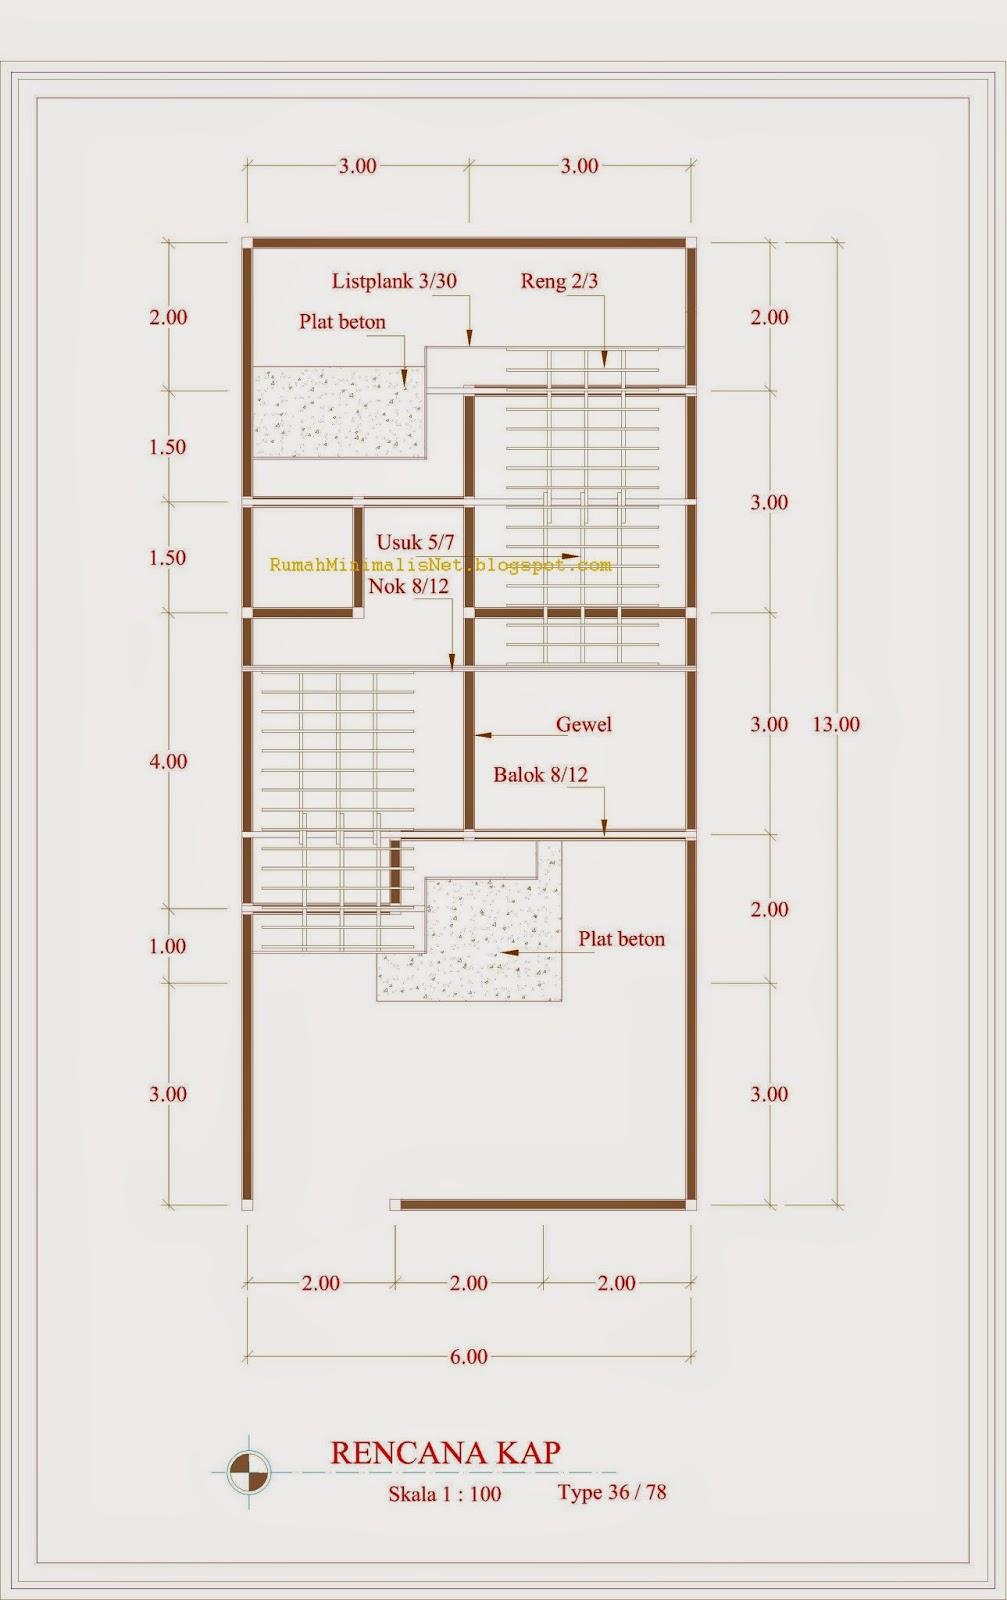 Contoh Denah Rumah Minimalis Type 36 78 Solusi Hunian